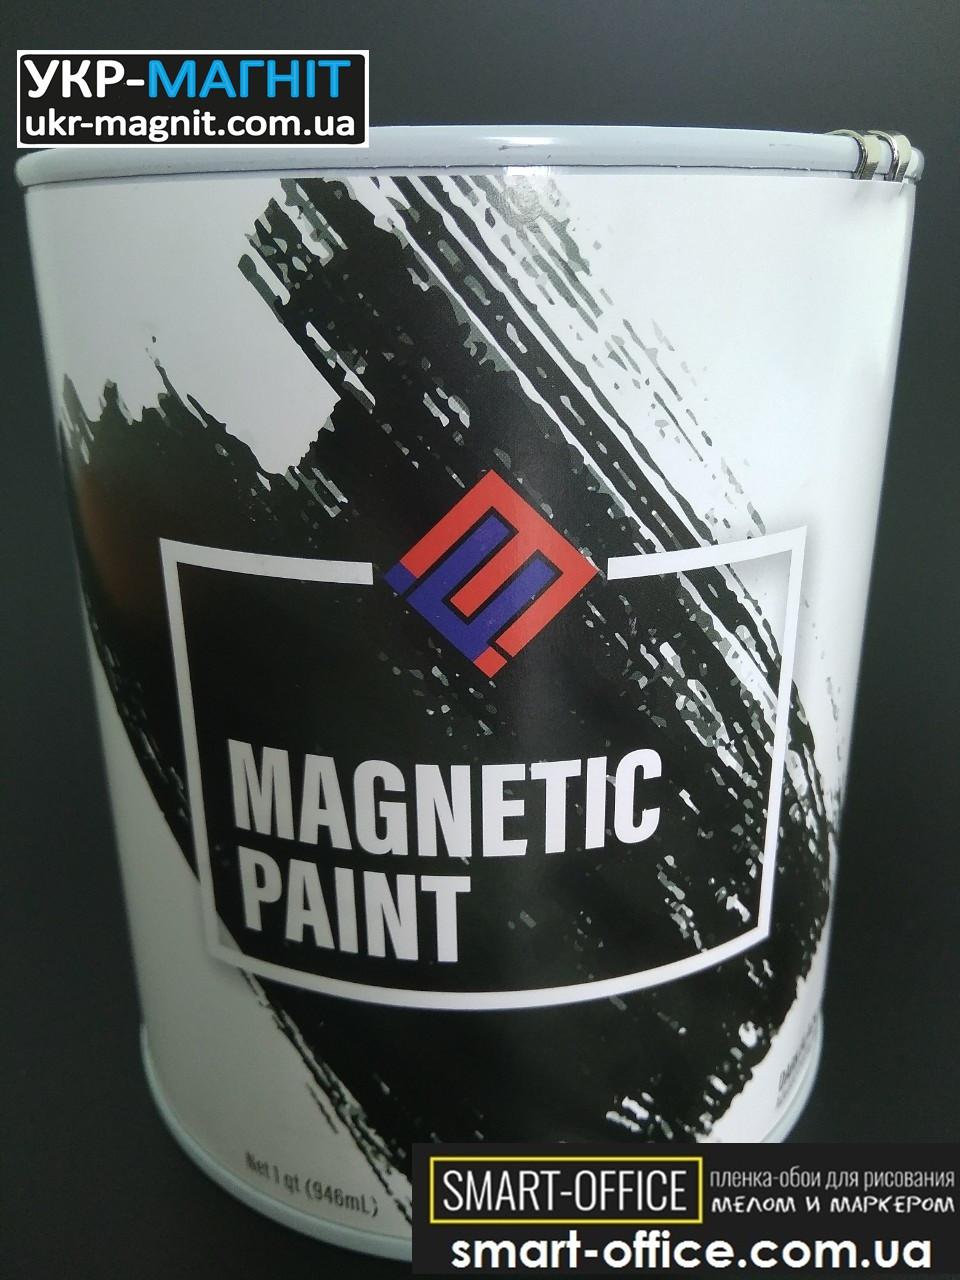 Магнітна фарба Magnetic Paint